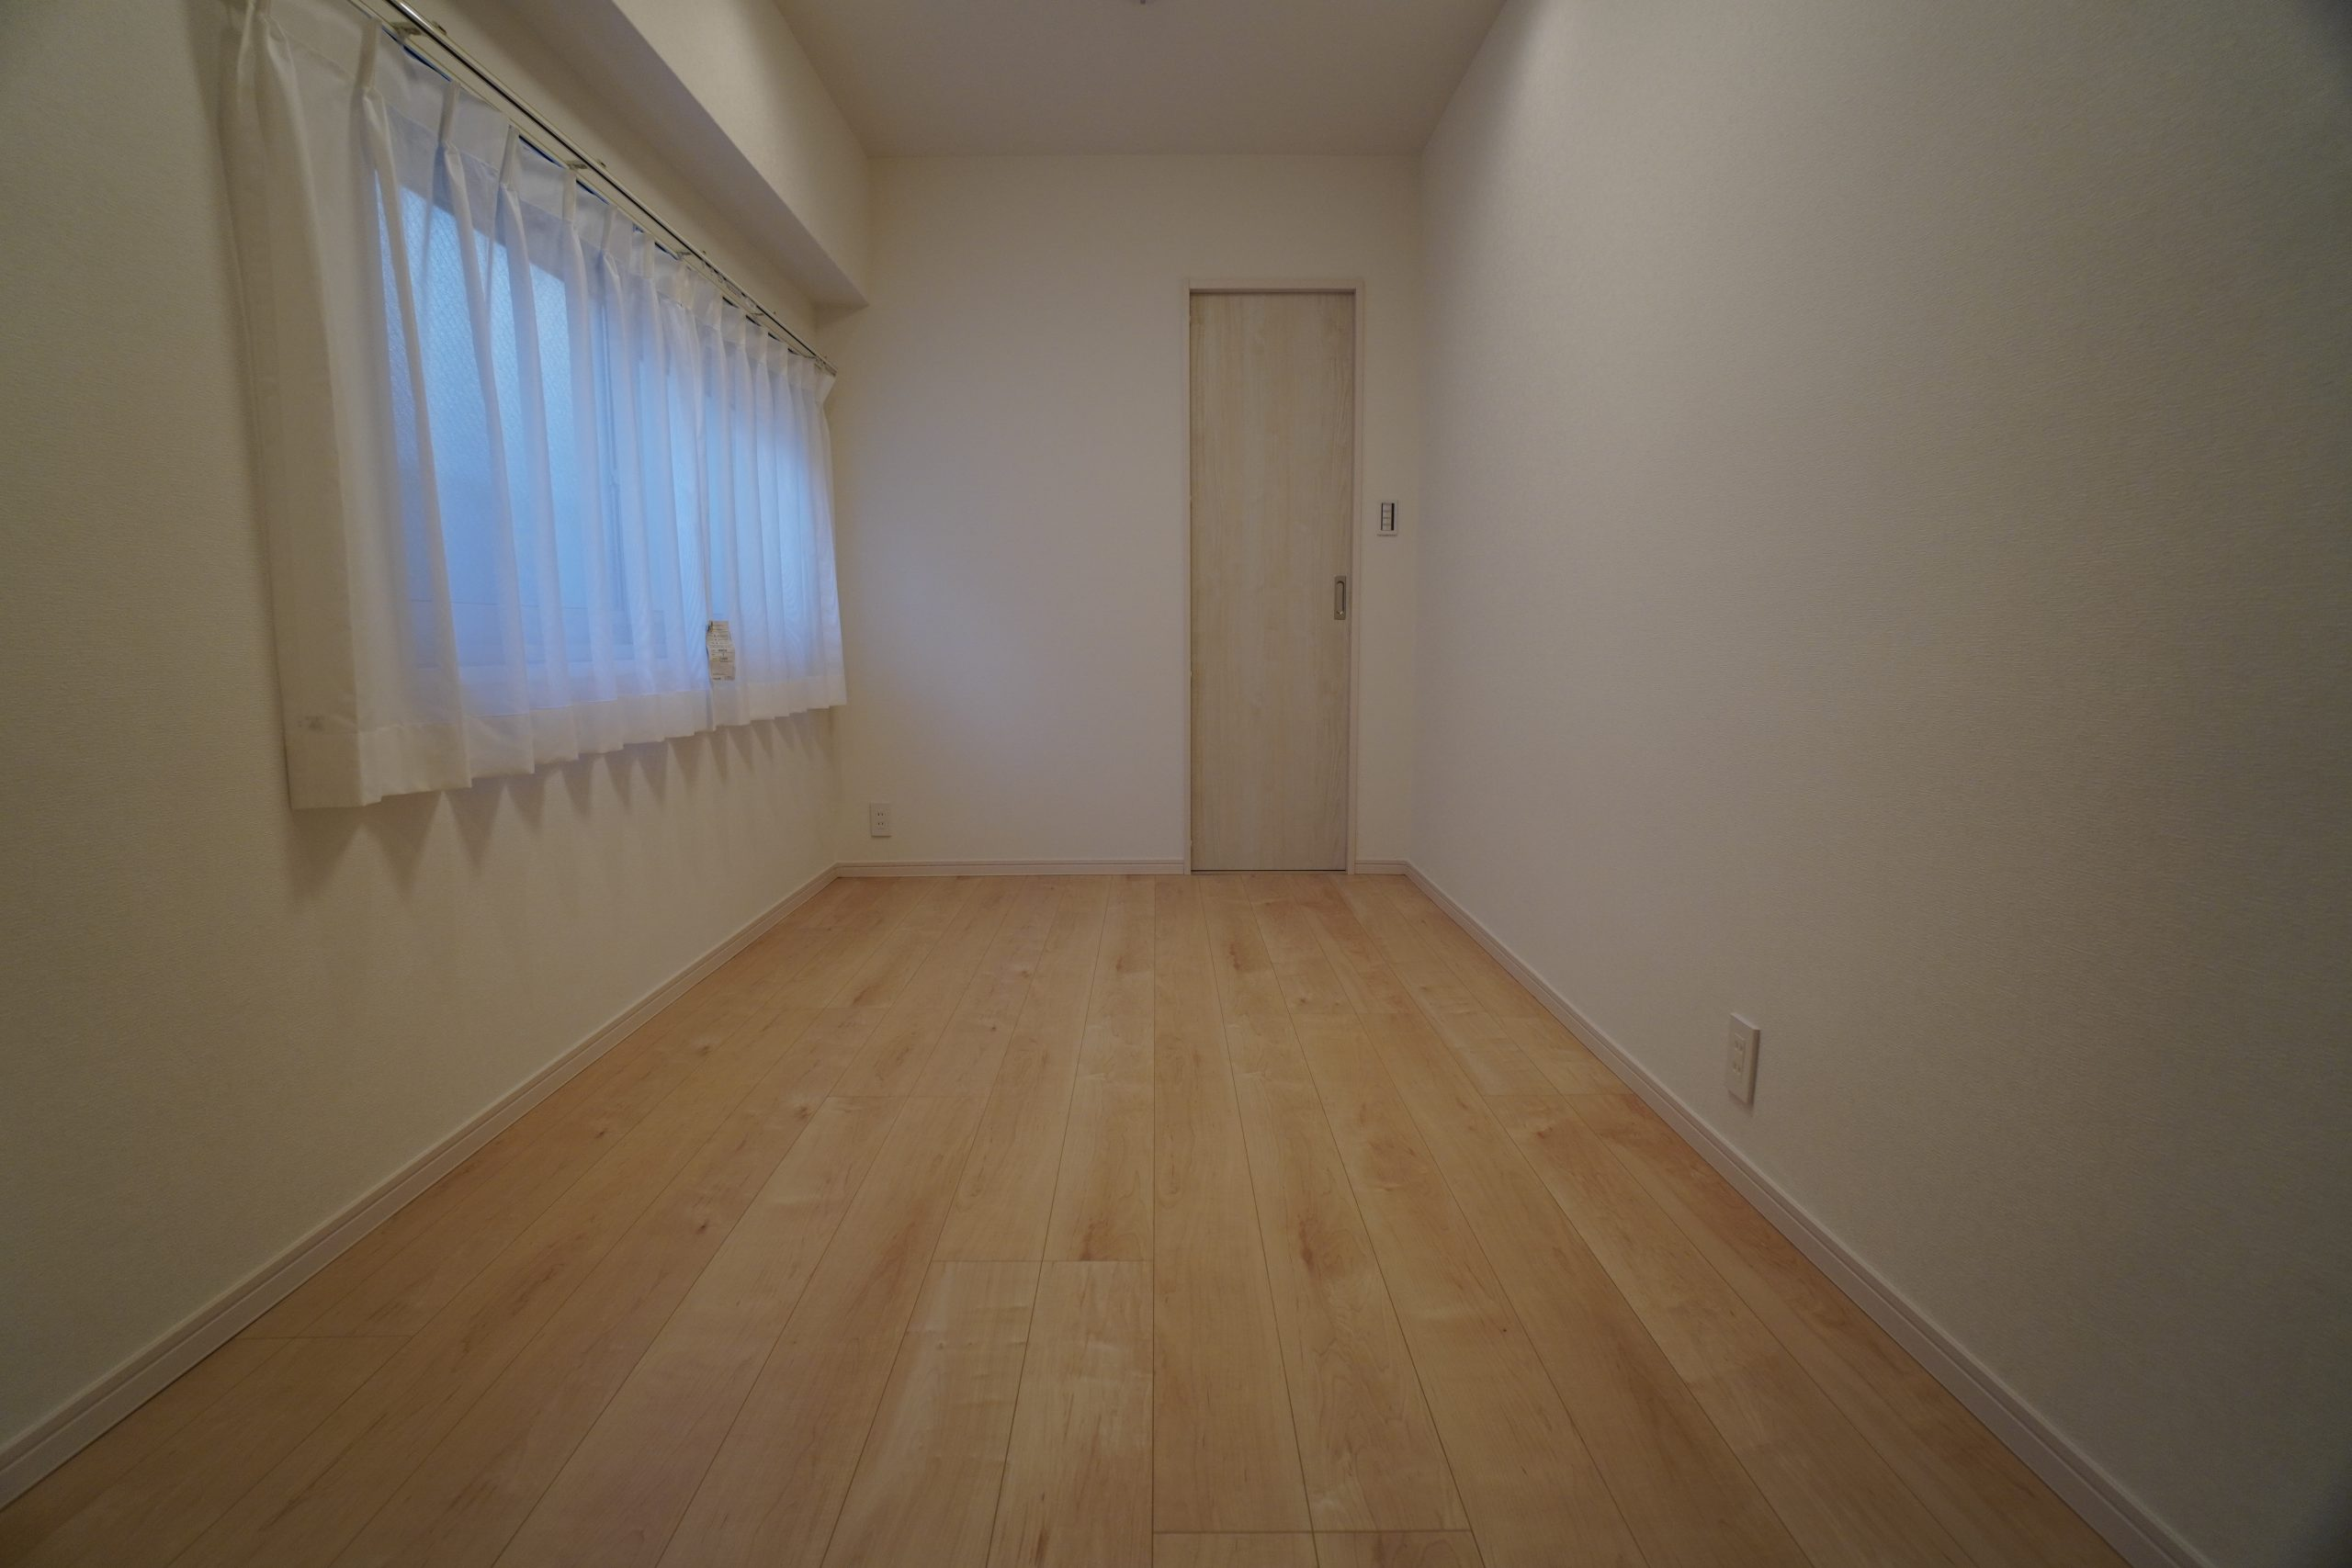 目黒ロイヤルハイツ 304号室の写真8